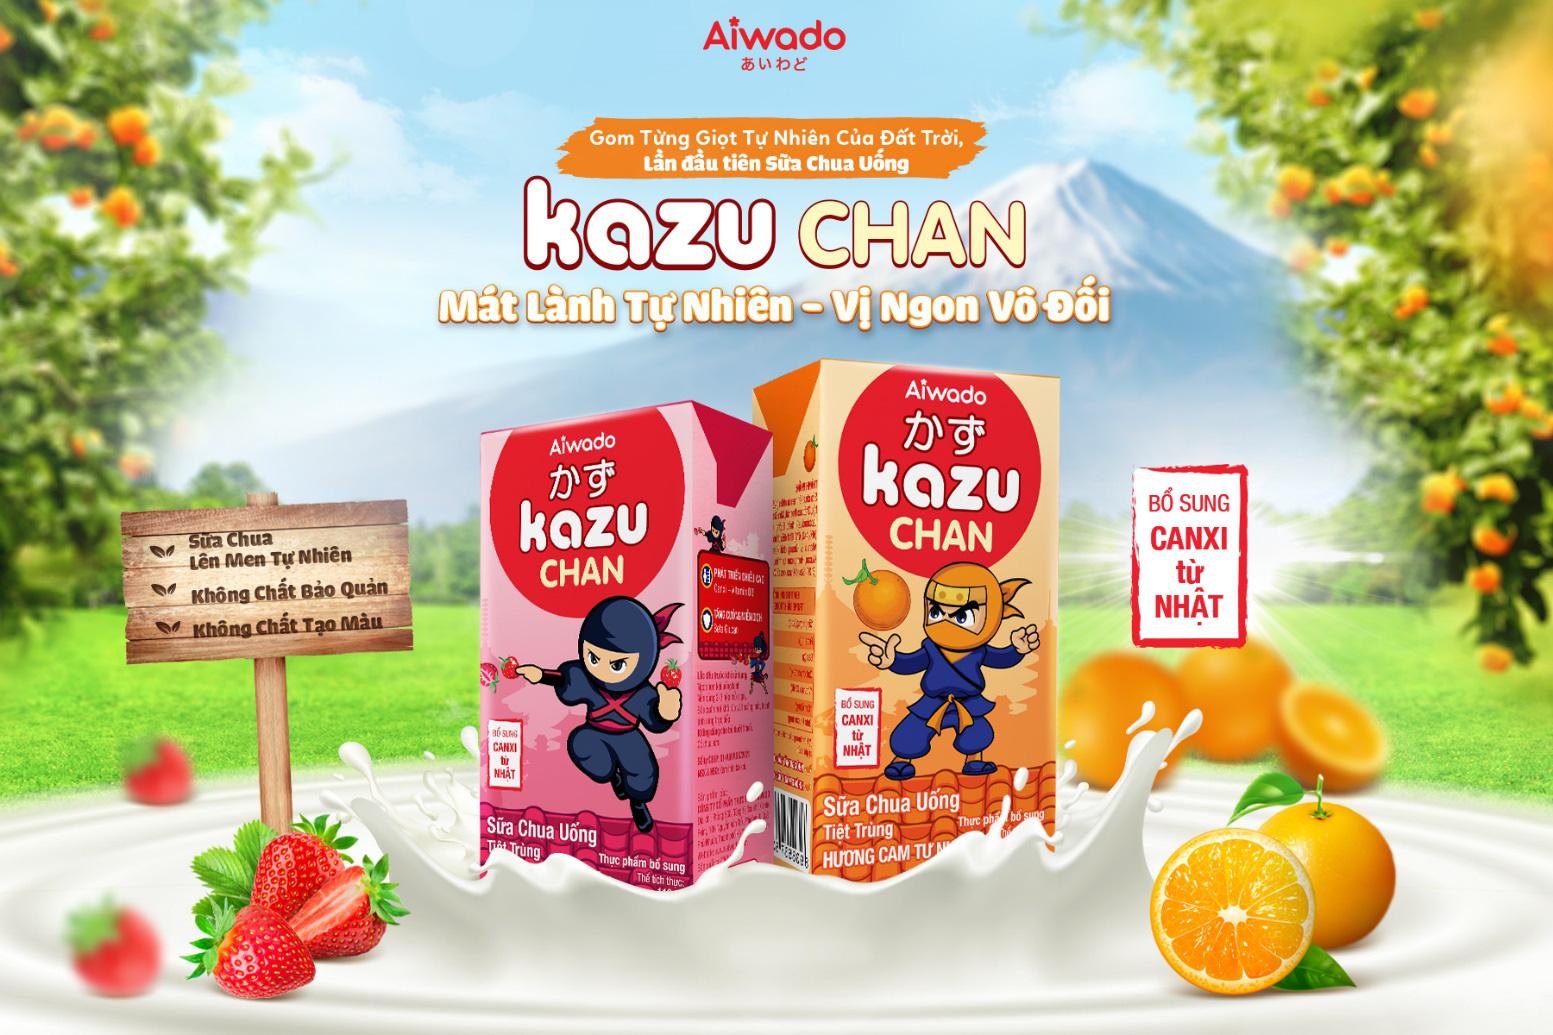 Kazu Chan mát lành tự nhiên, tăng cường đề kháng cho trẻ trong mùa hè - Ảnh 3.